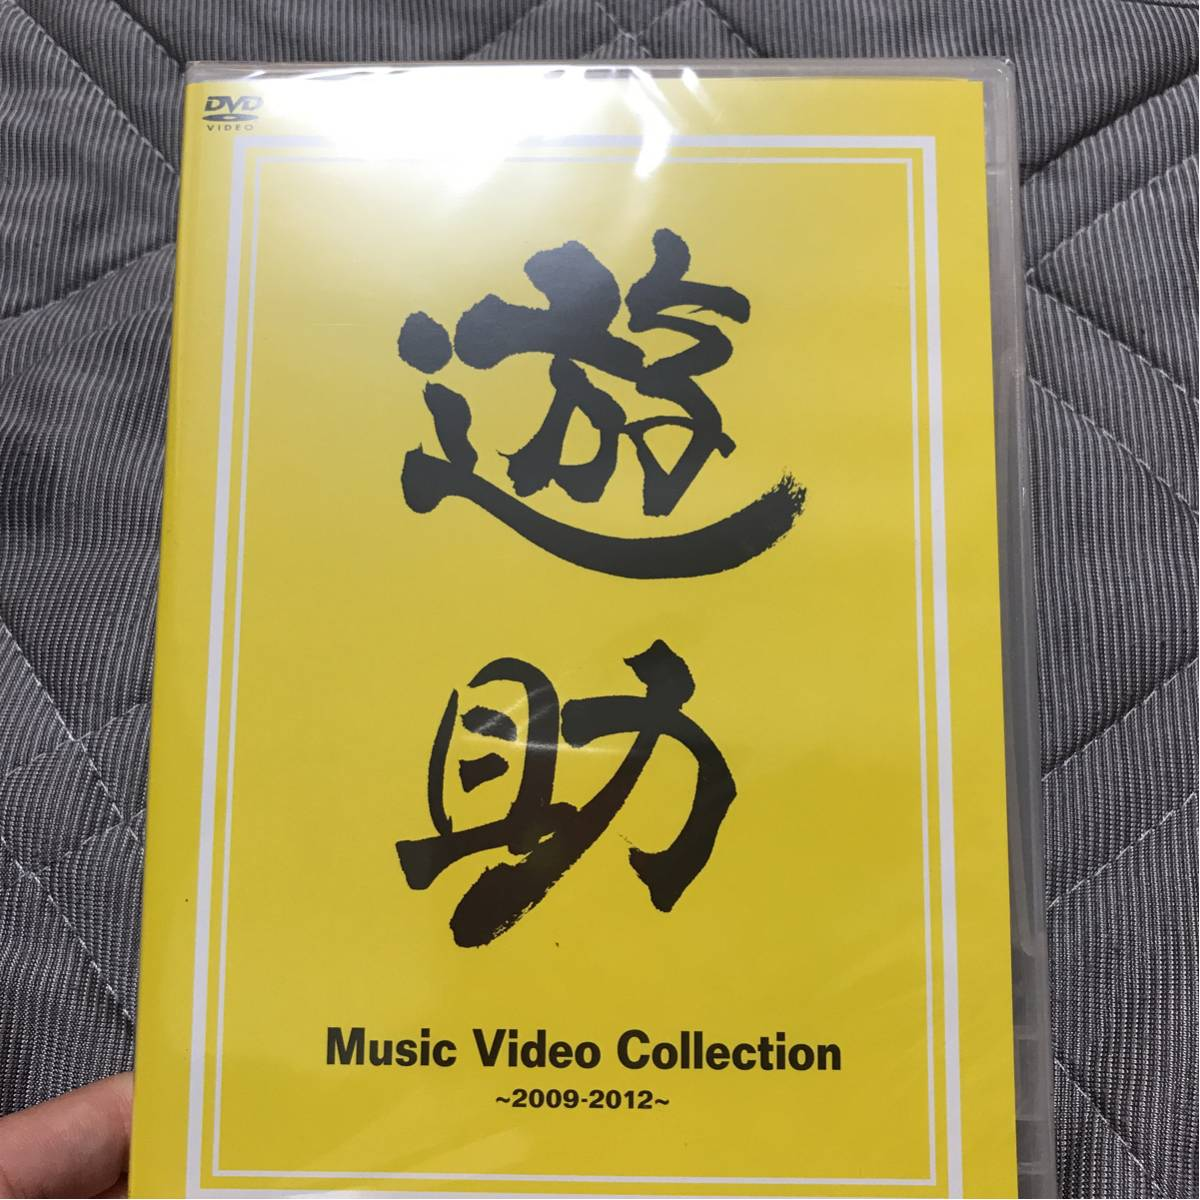 新品未開封 遊助 Music Video Collection~2009-2012~ [DVD] ライブグッズの画像